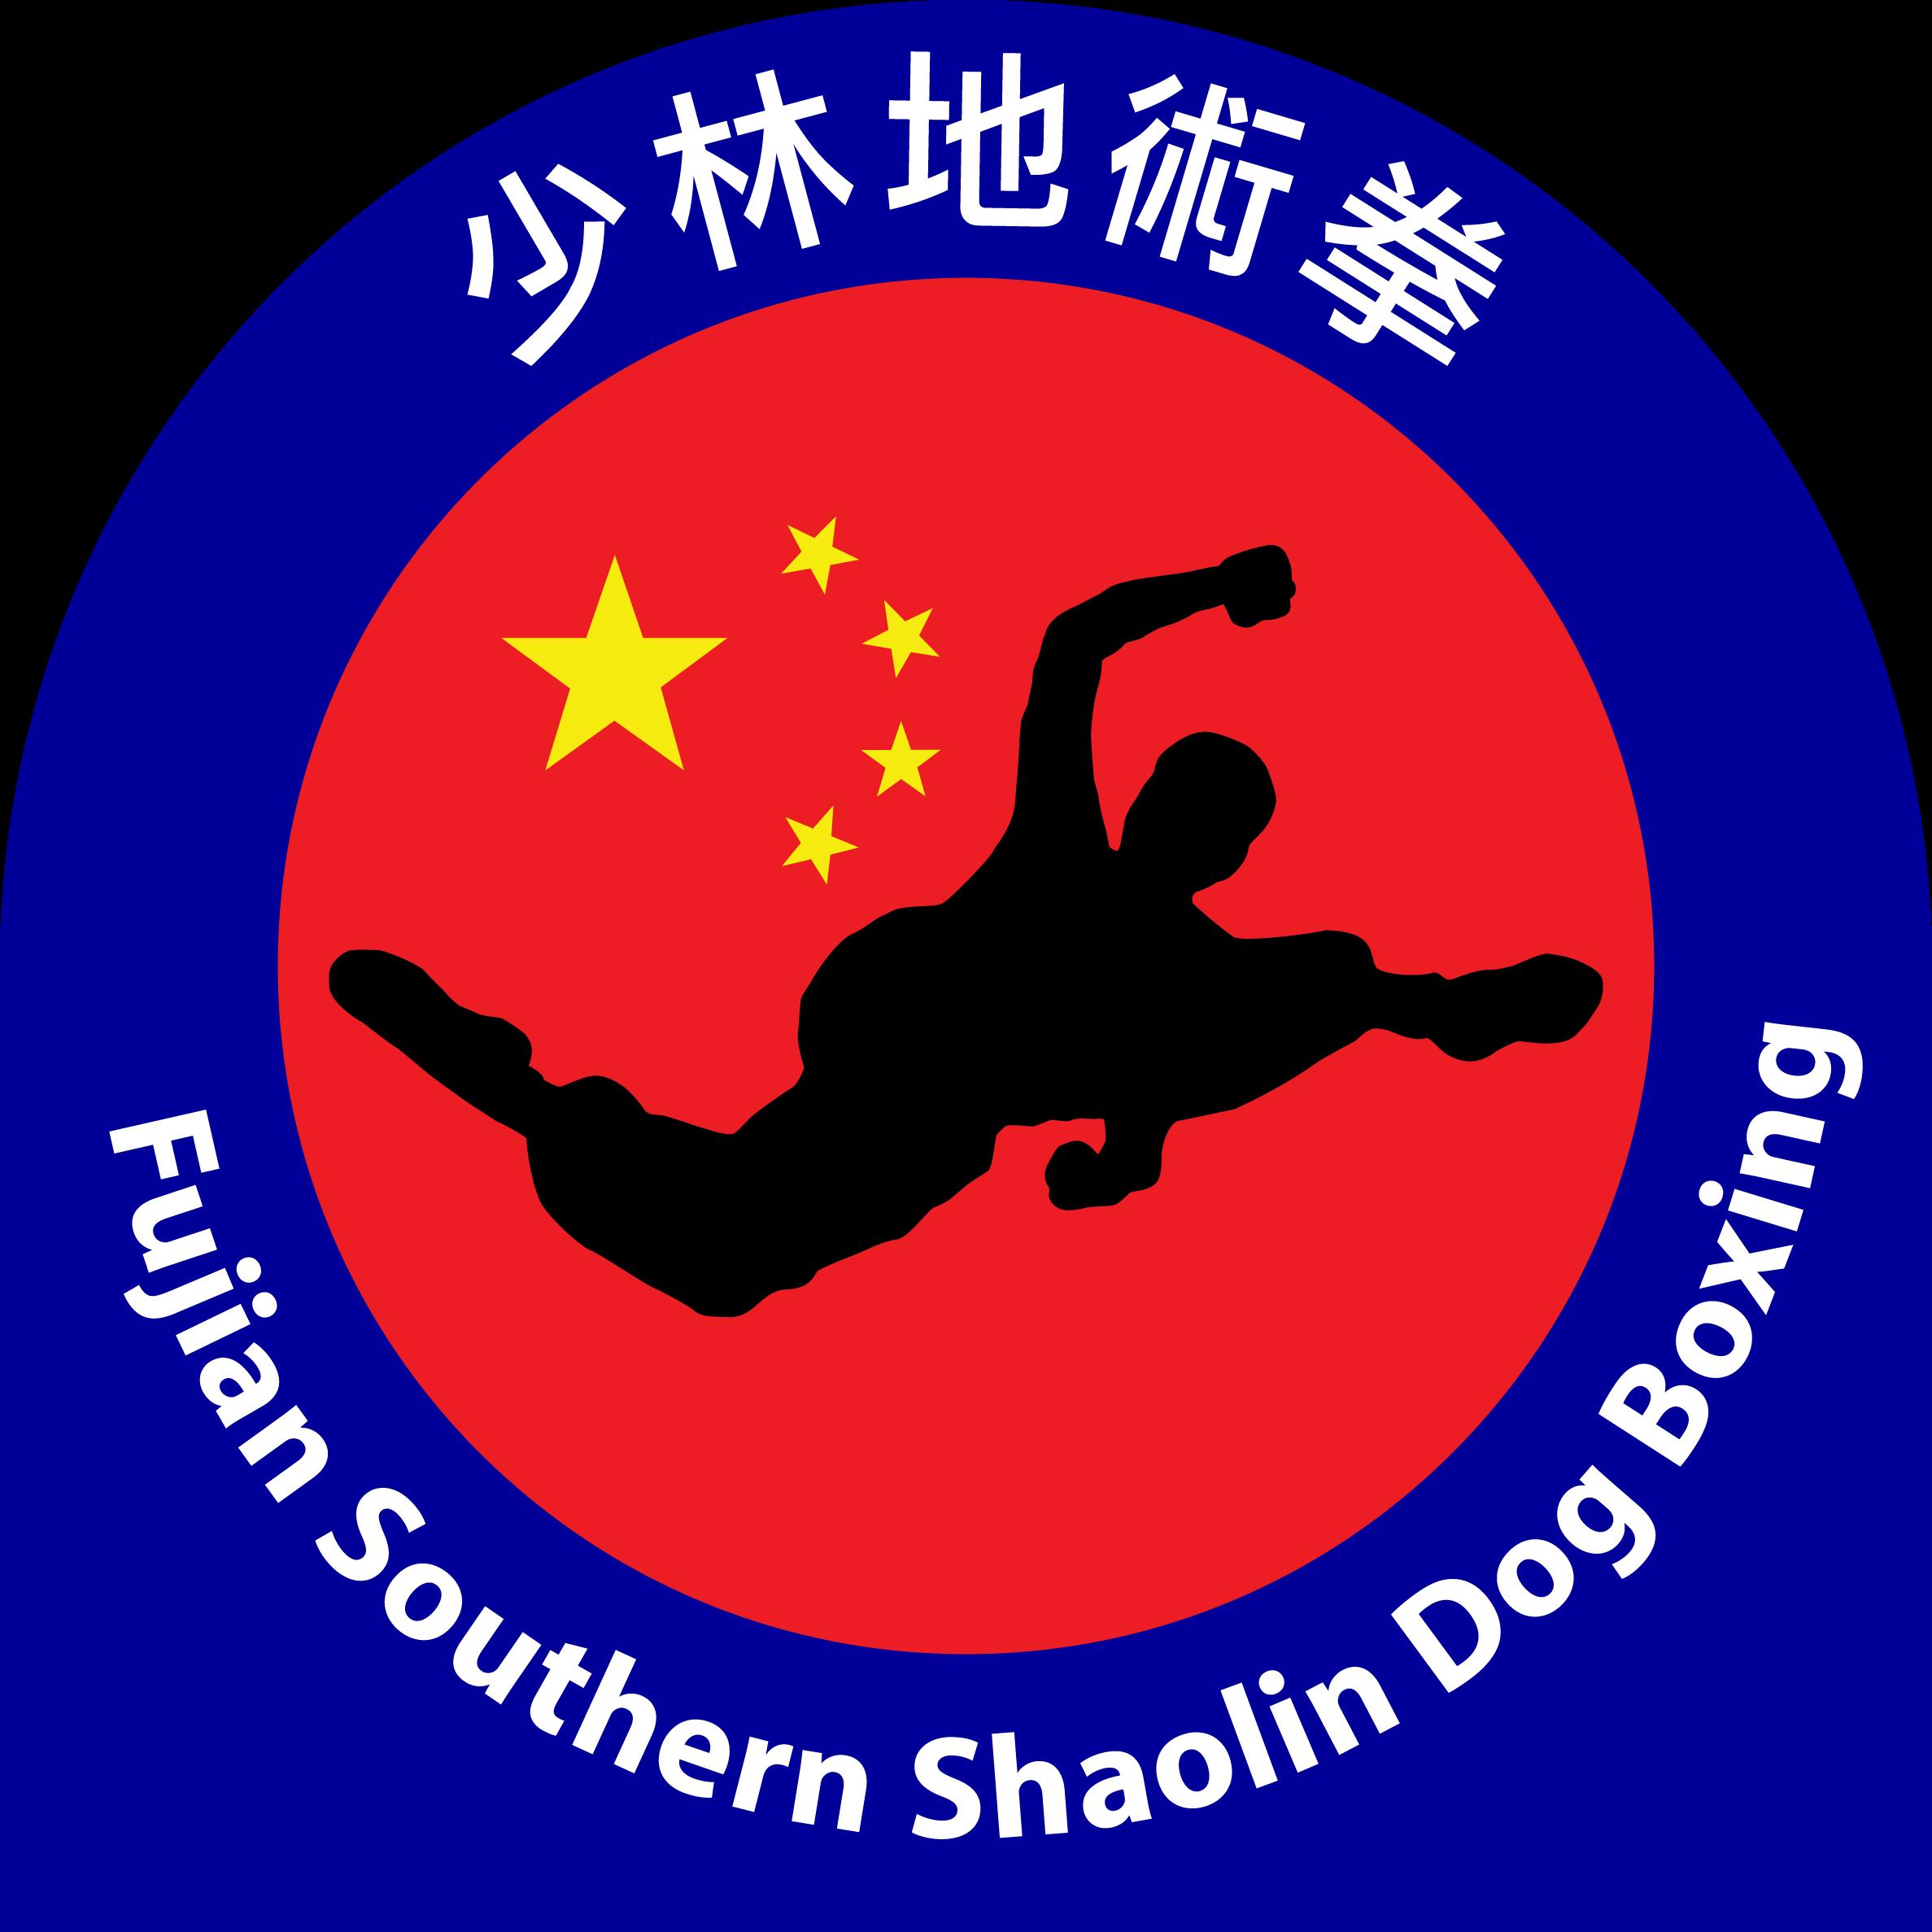 Dog style kung fu